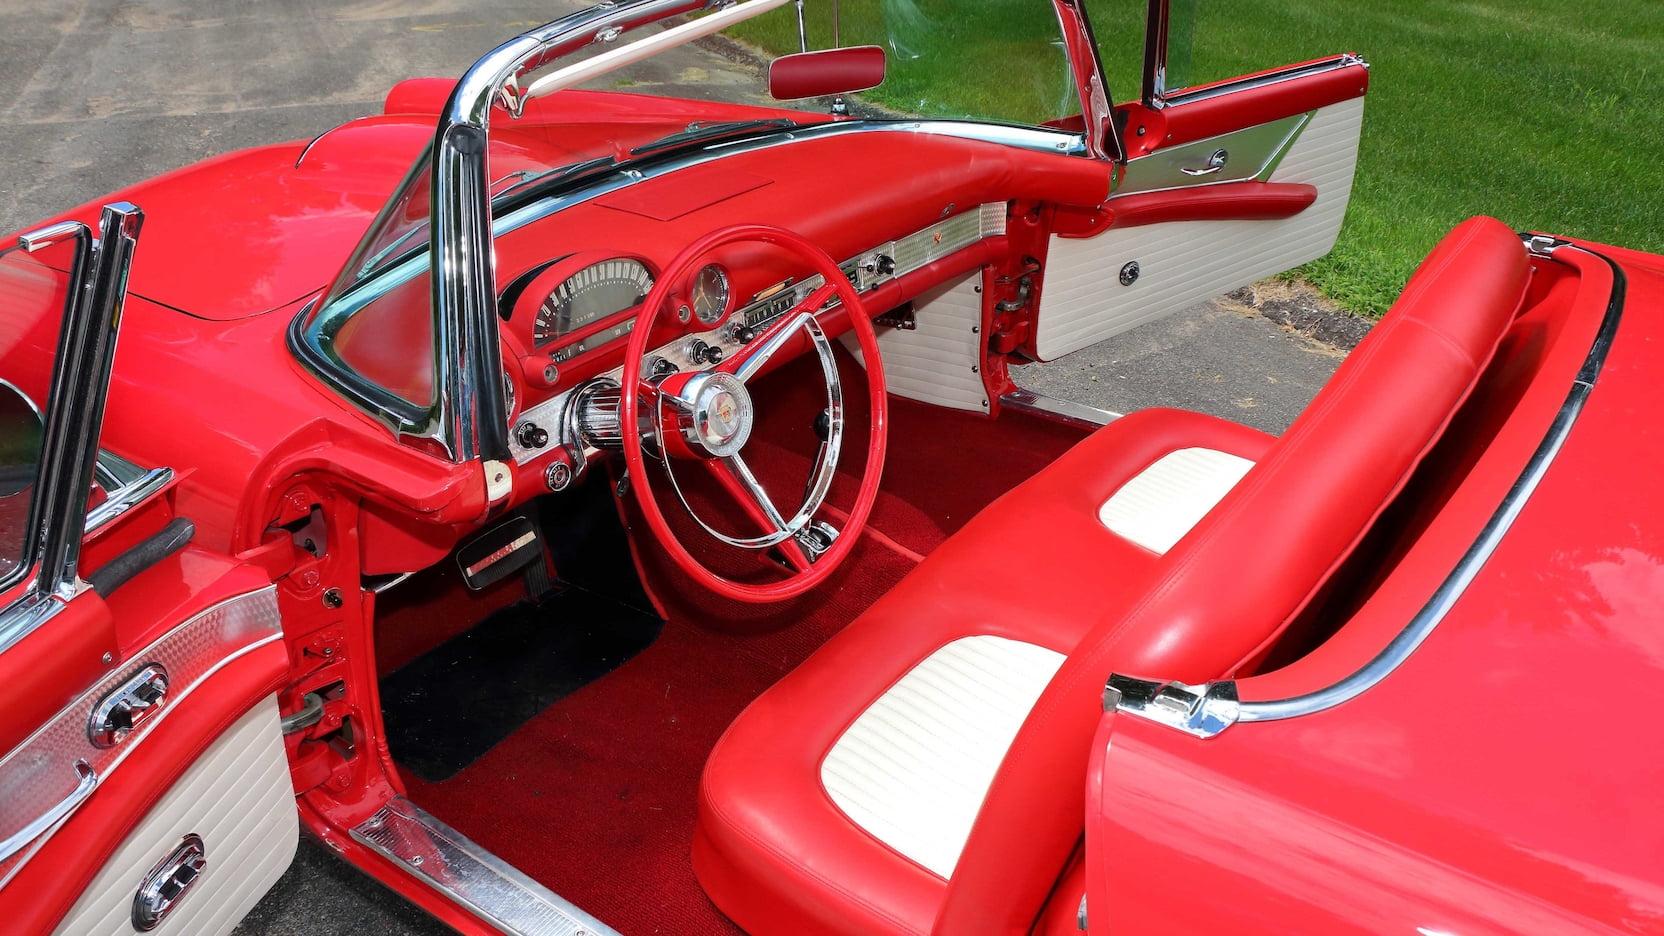 1956 Ford Thunderbird interior